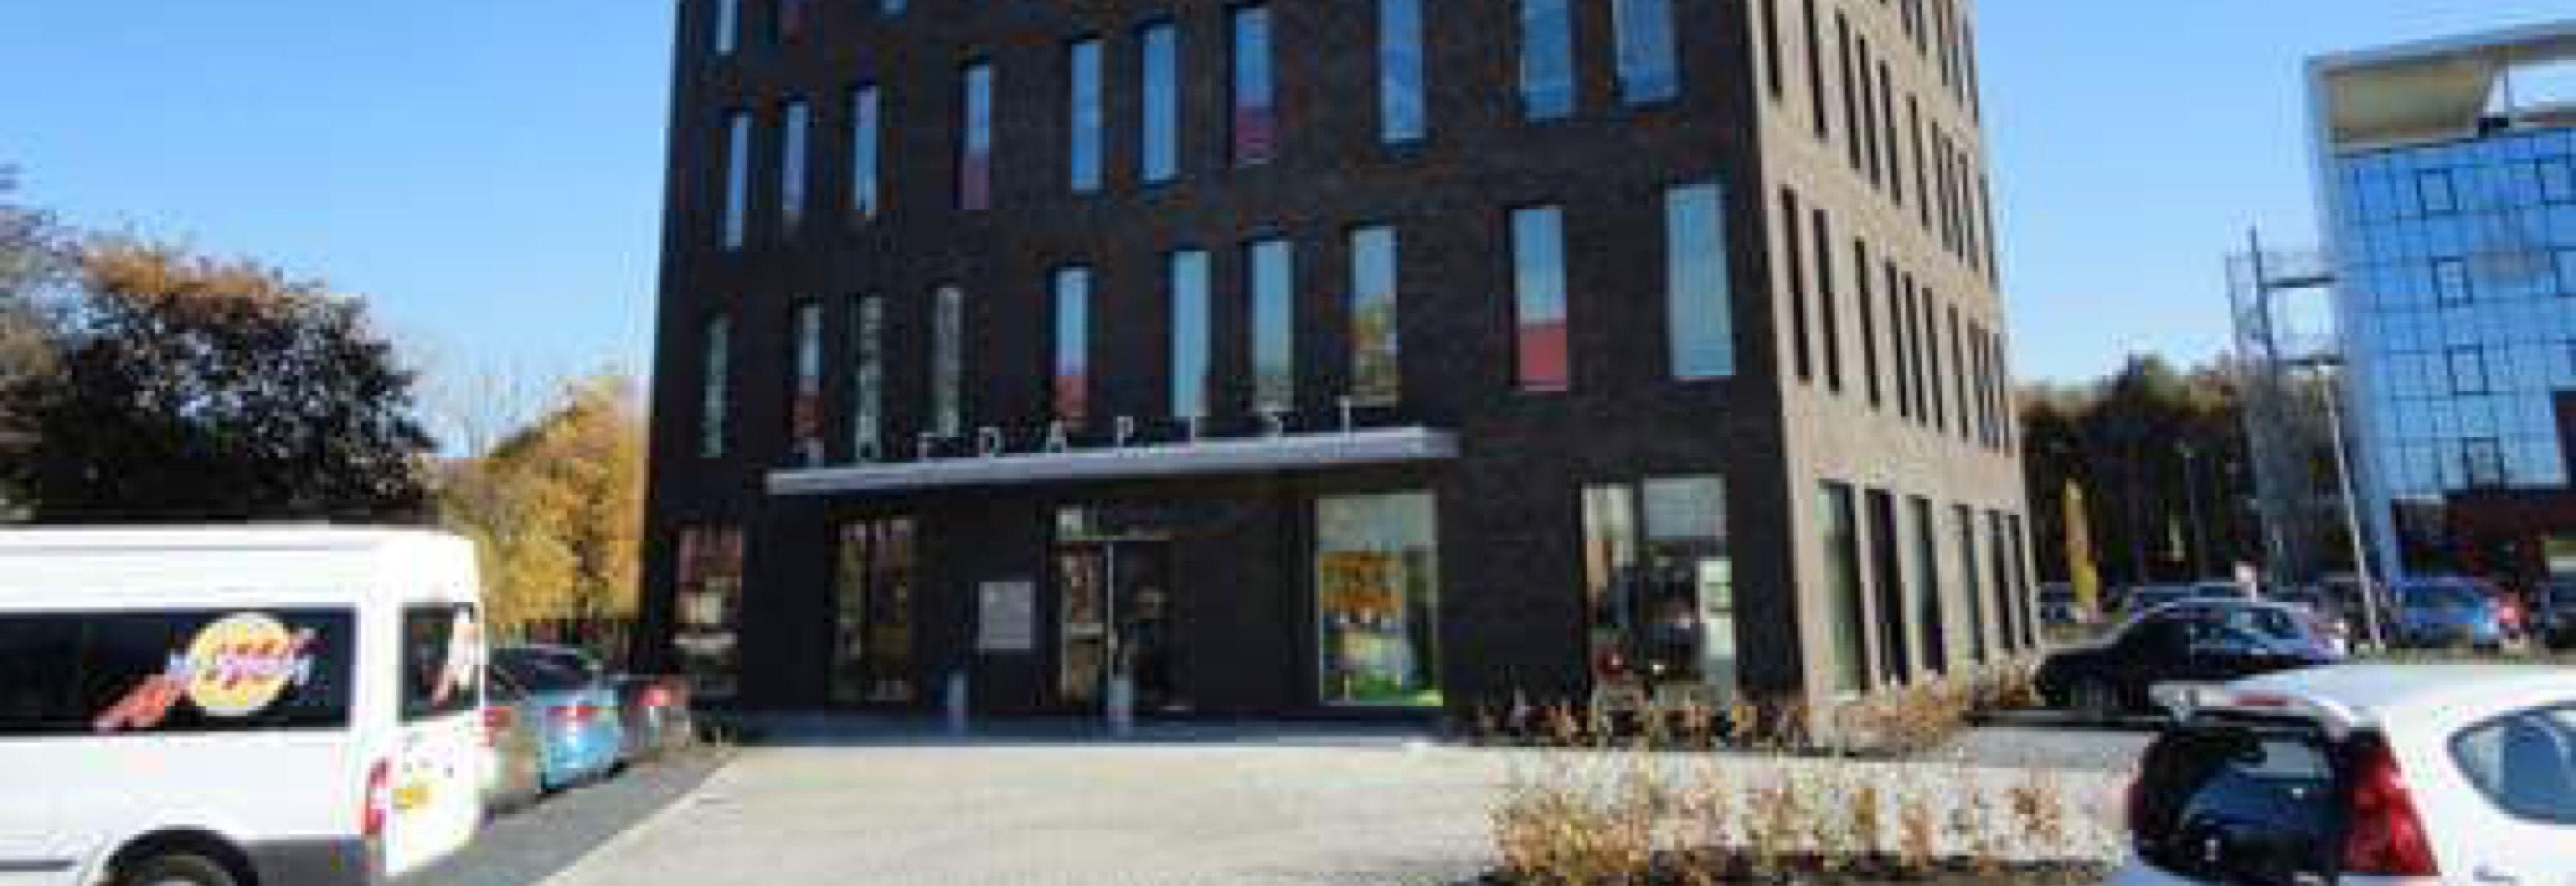 ZZPerfect - Administratiekantoor in Groningen en Hoogeveen